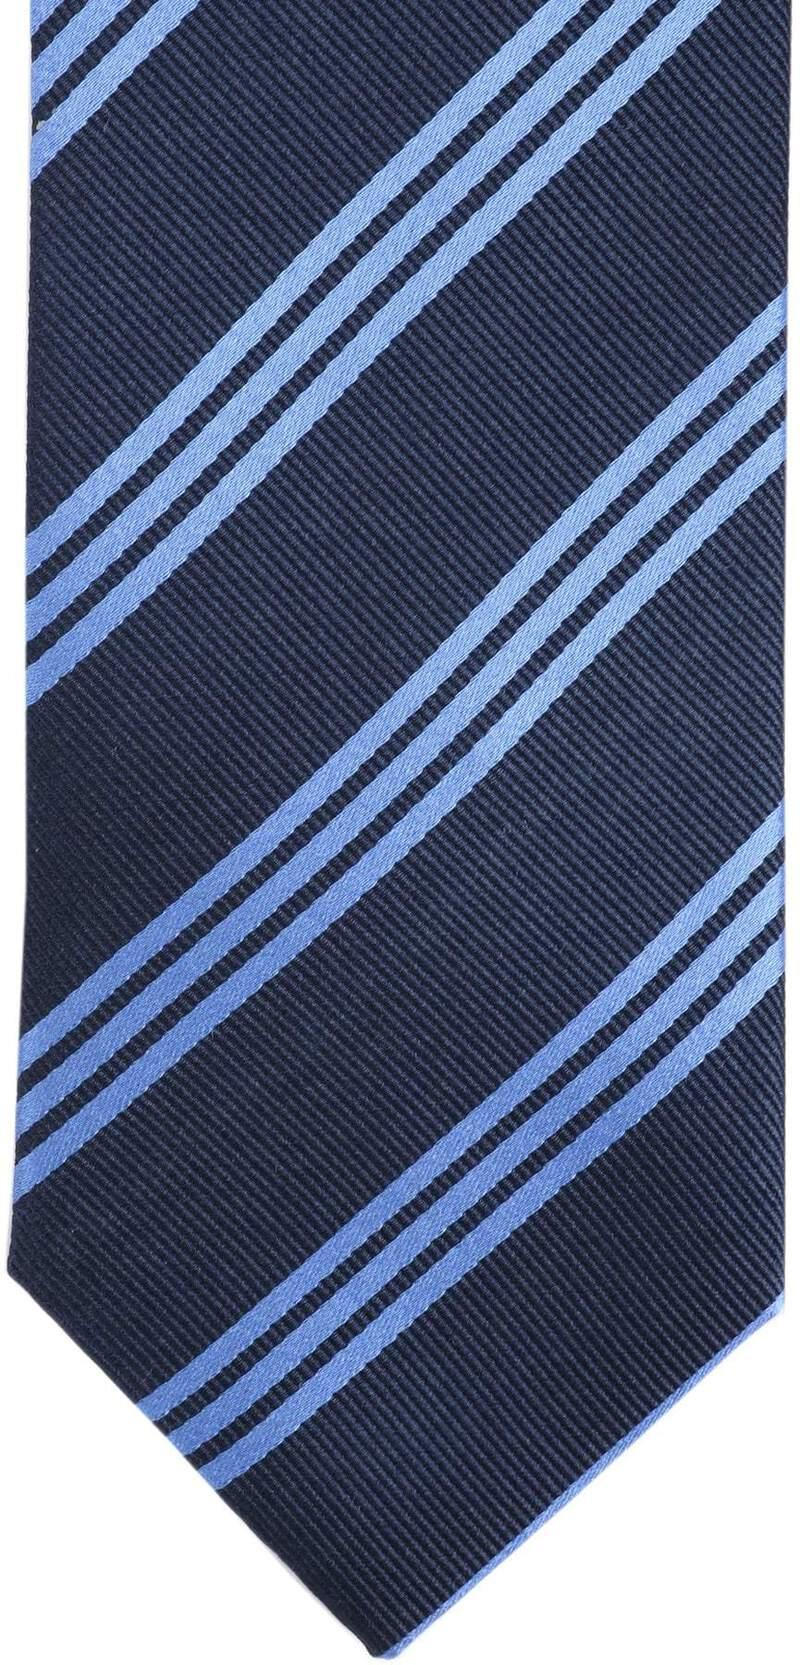 Detail Krawatte Seide Streifen Navy Blau